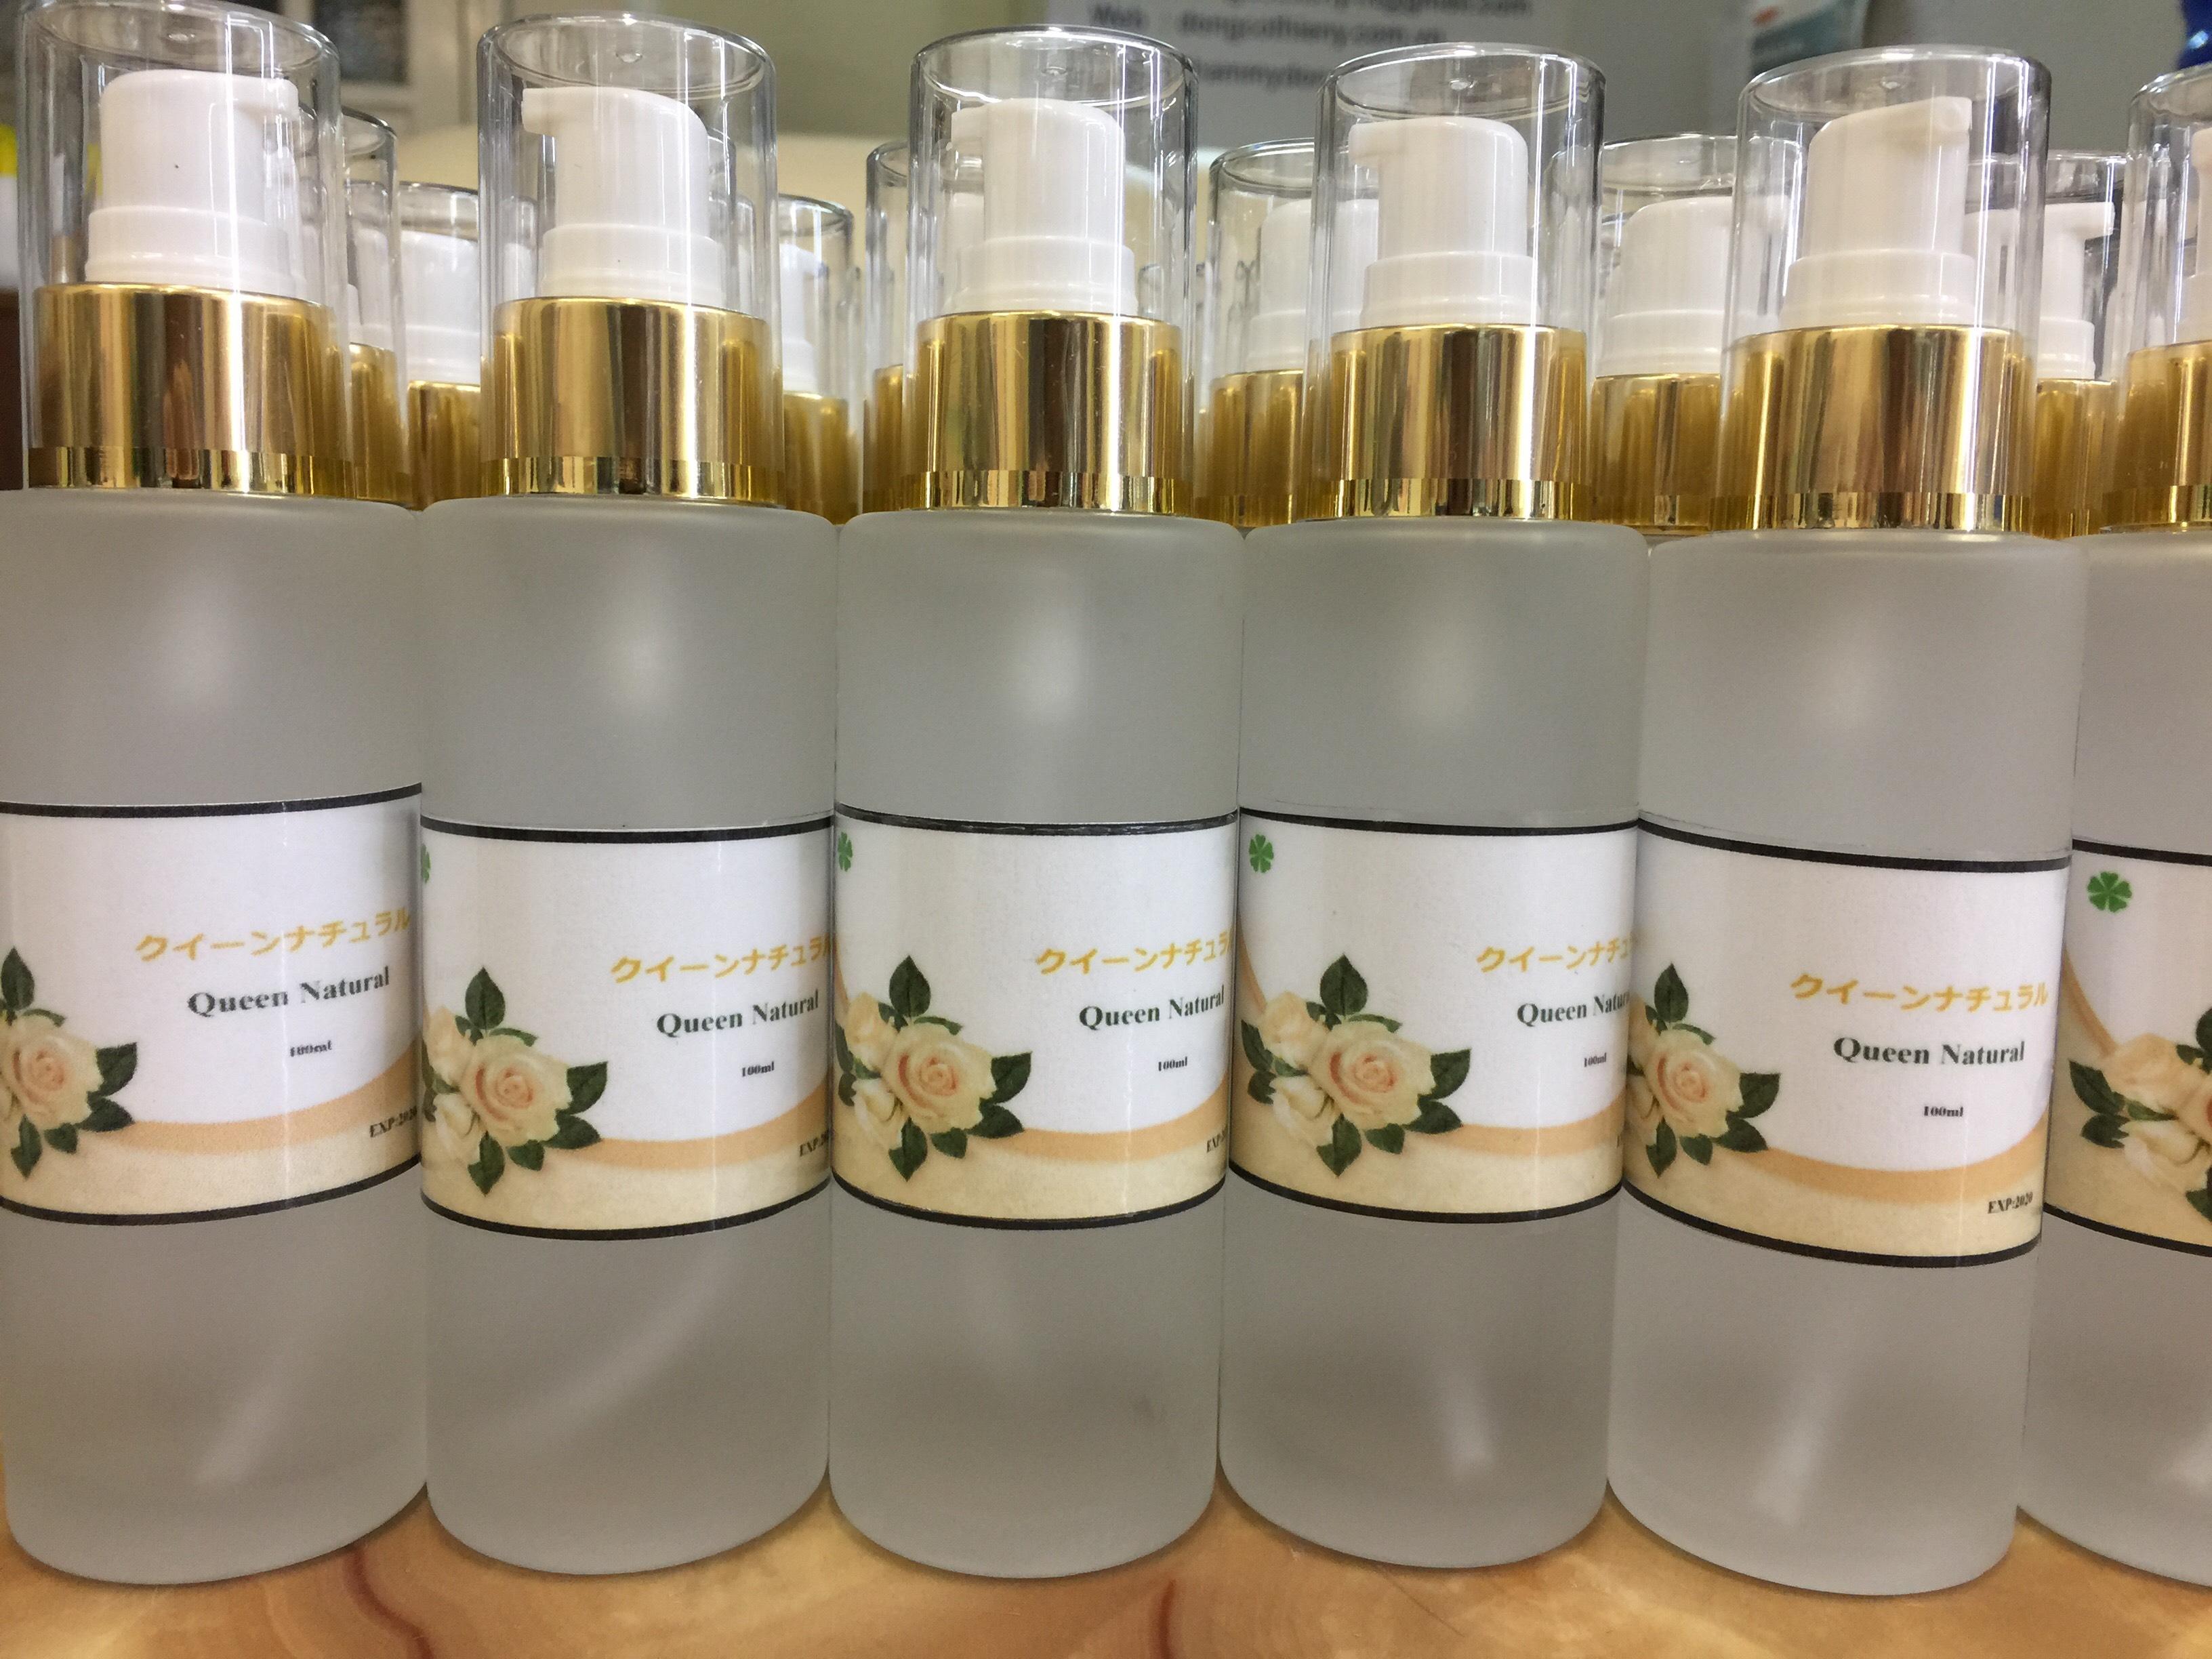 Đồng cỏ thiên y chuyên cung cấp các sản phẩm kem dưỡng da, kem trị mụn - 16